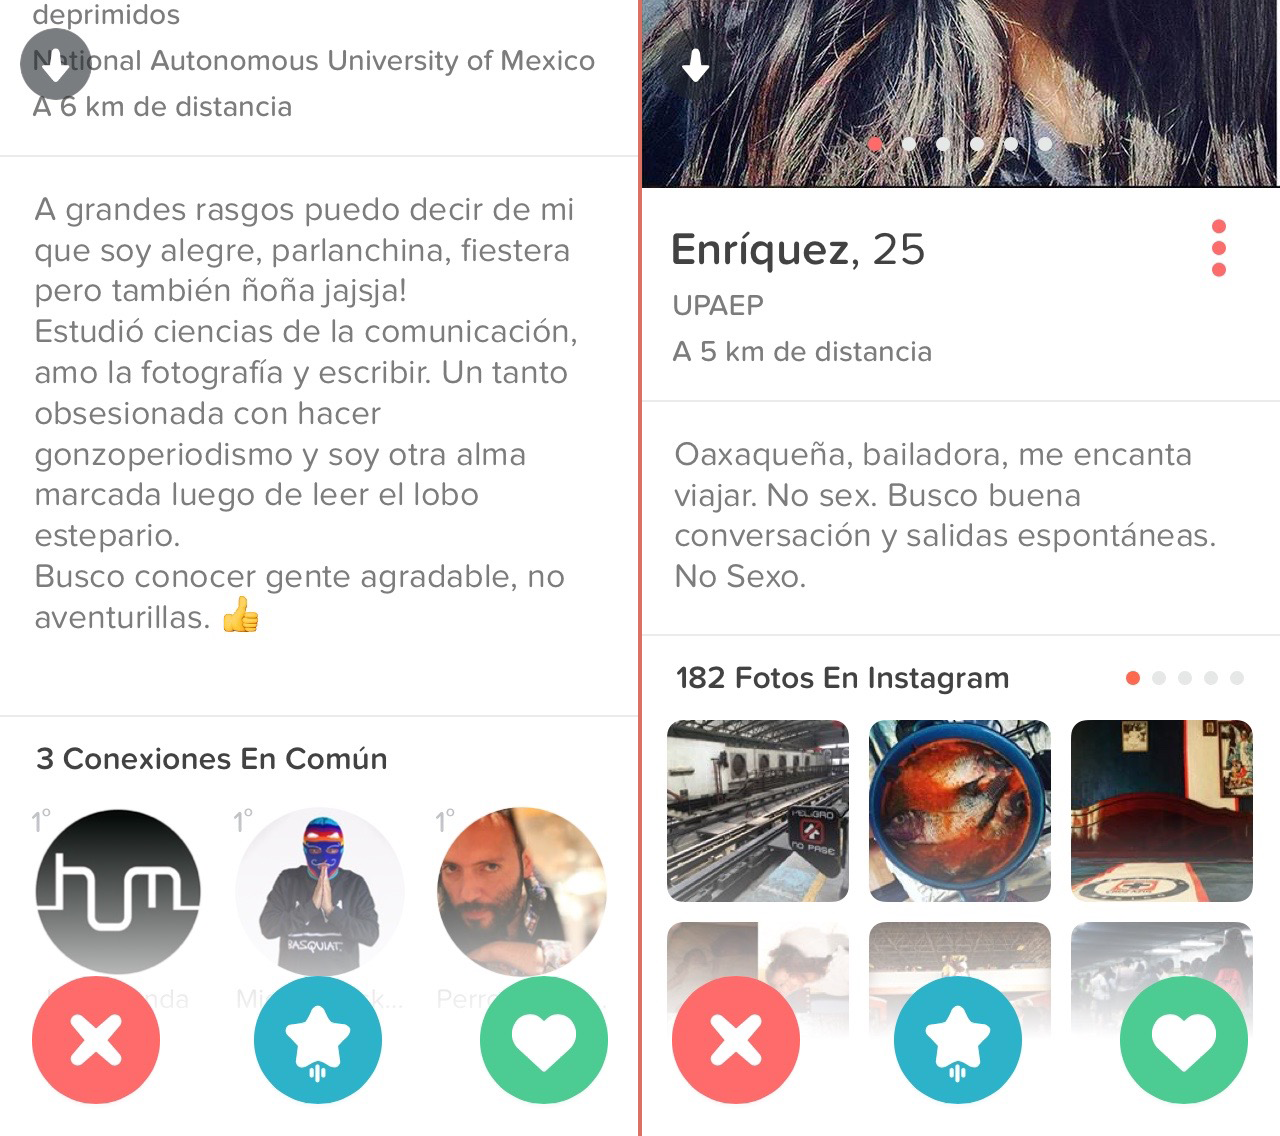 Torrelaguna citas por internet